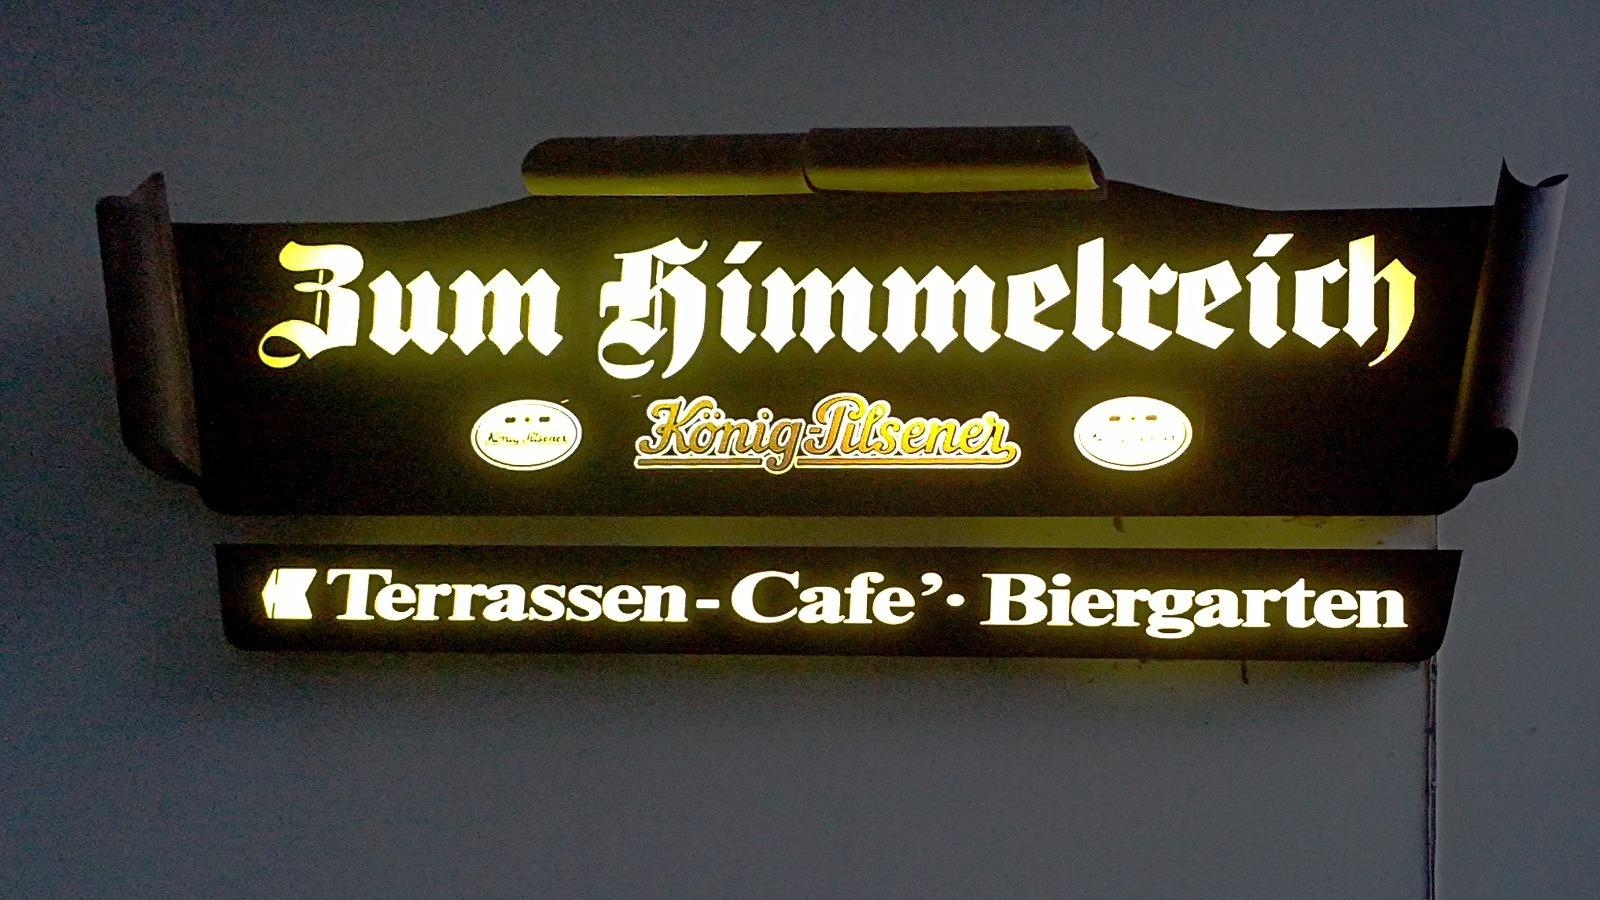 Café Himmelreich (Cafe'?).